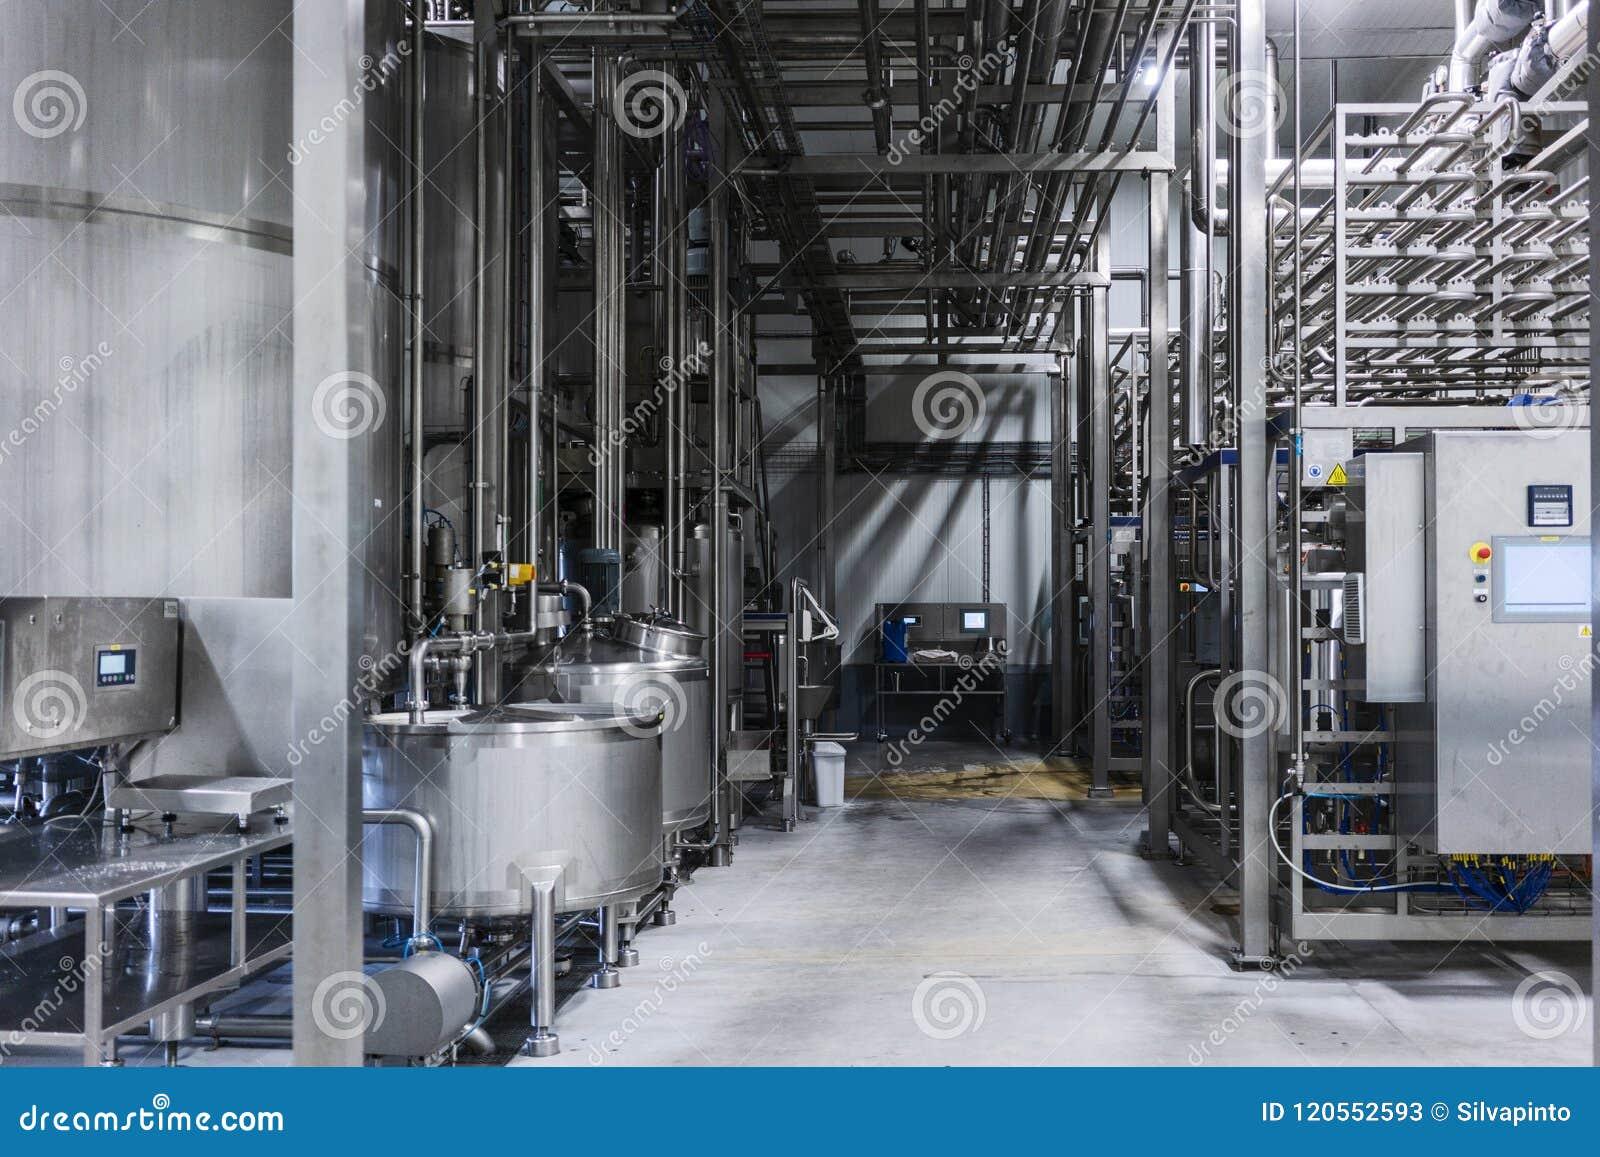 Zylinder in der Getränkefabrik Industrielle Fotografie